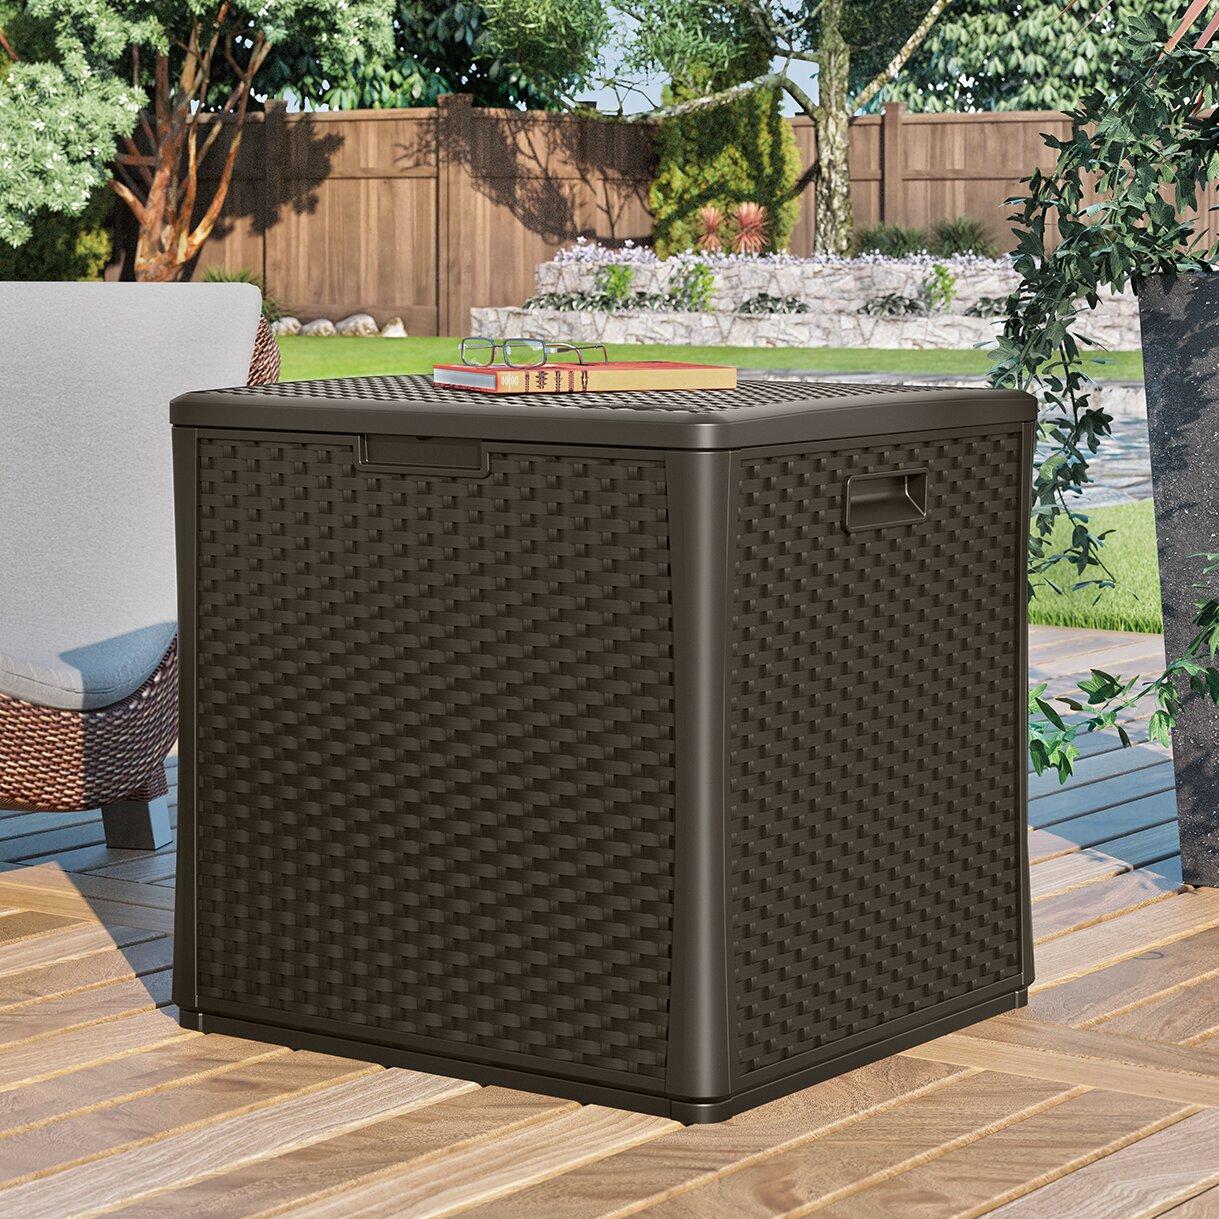 Suncast Cube 60 Gallon Deck Storage Box & Reviews | Wayfair